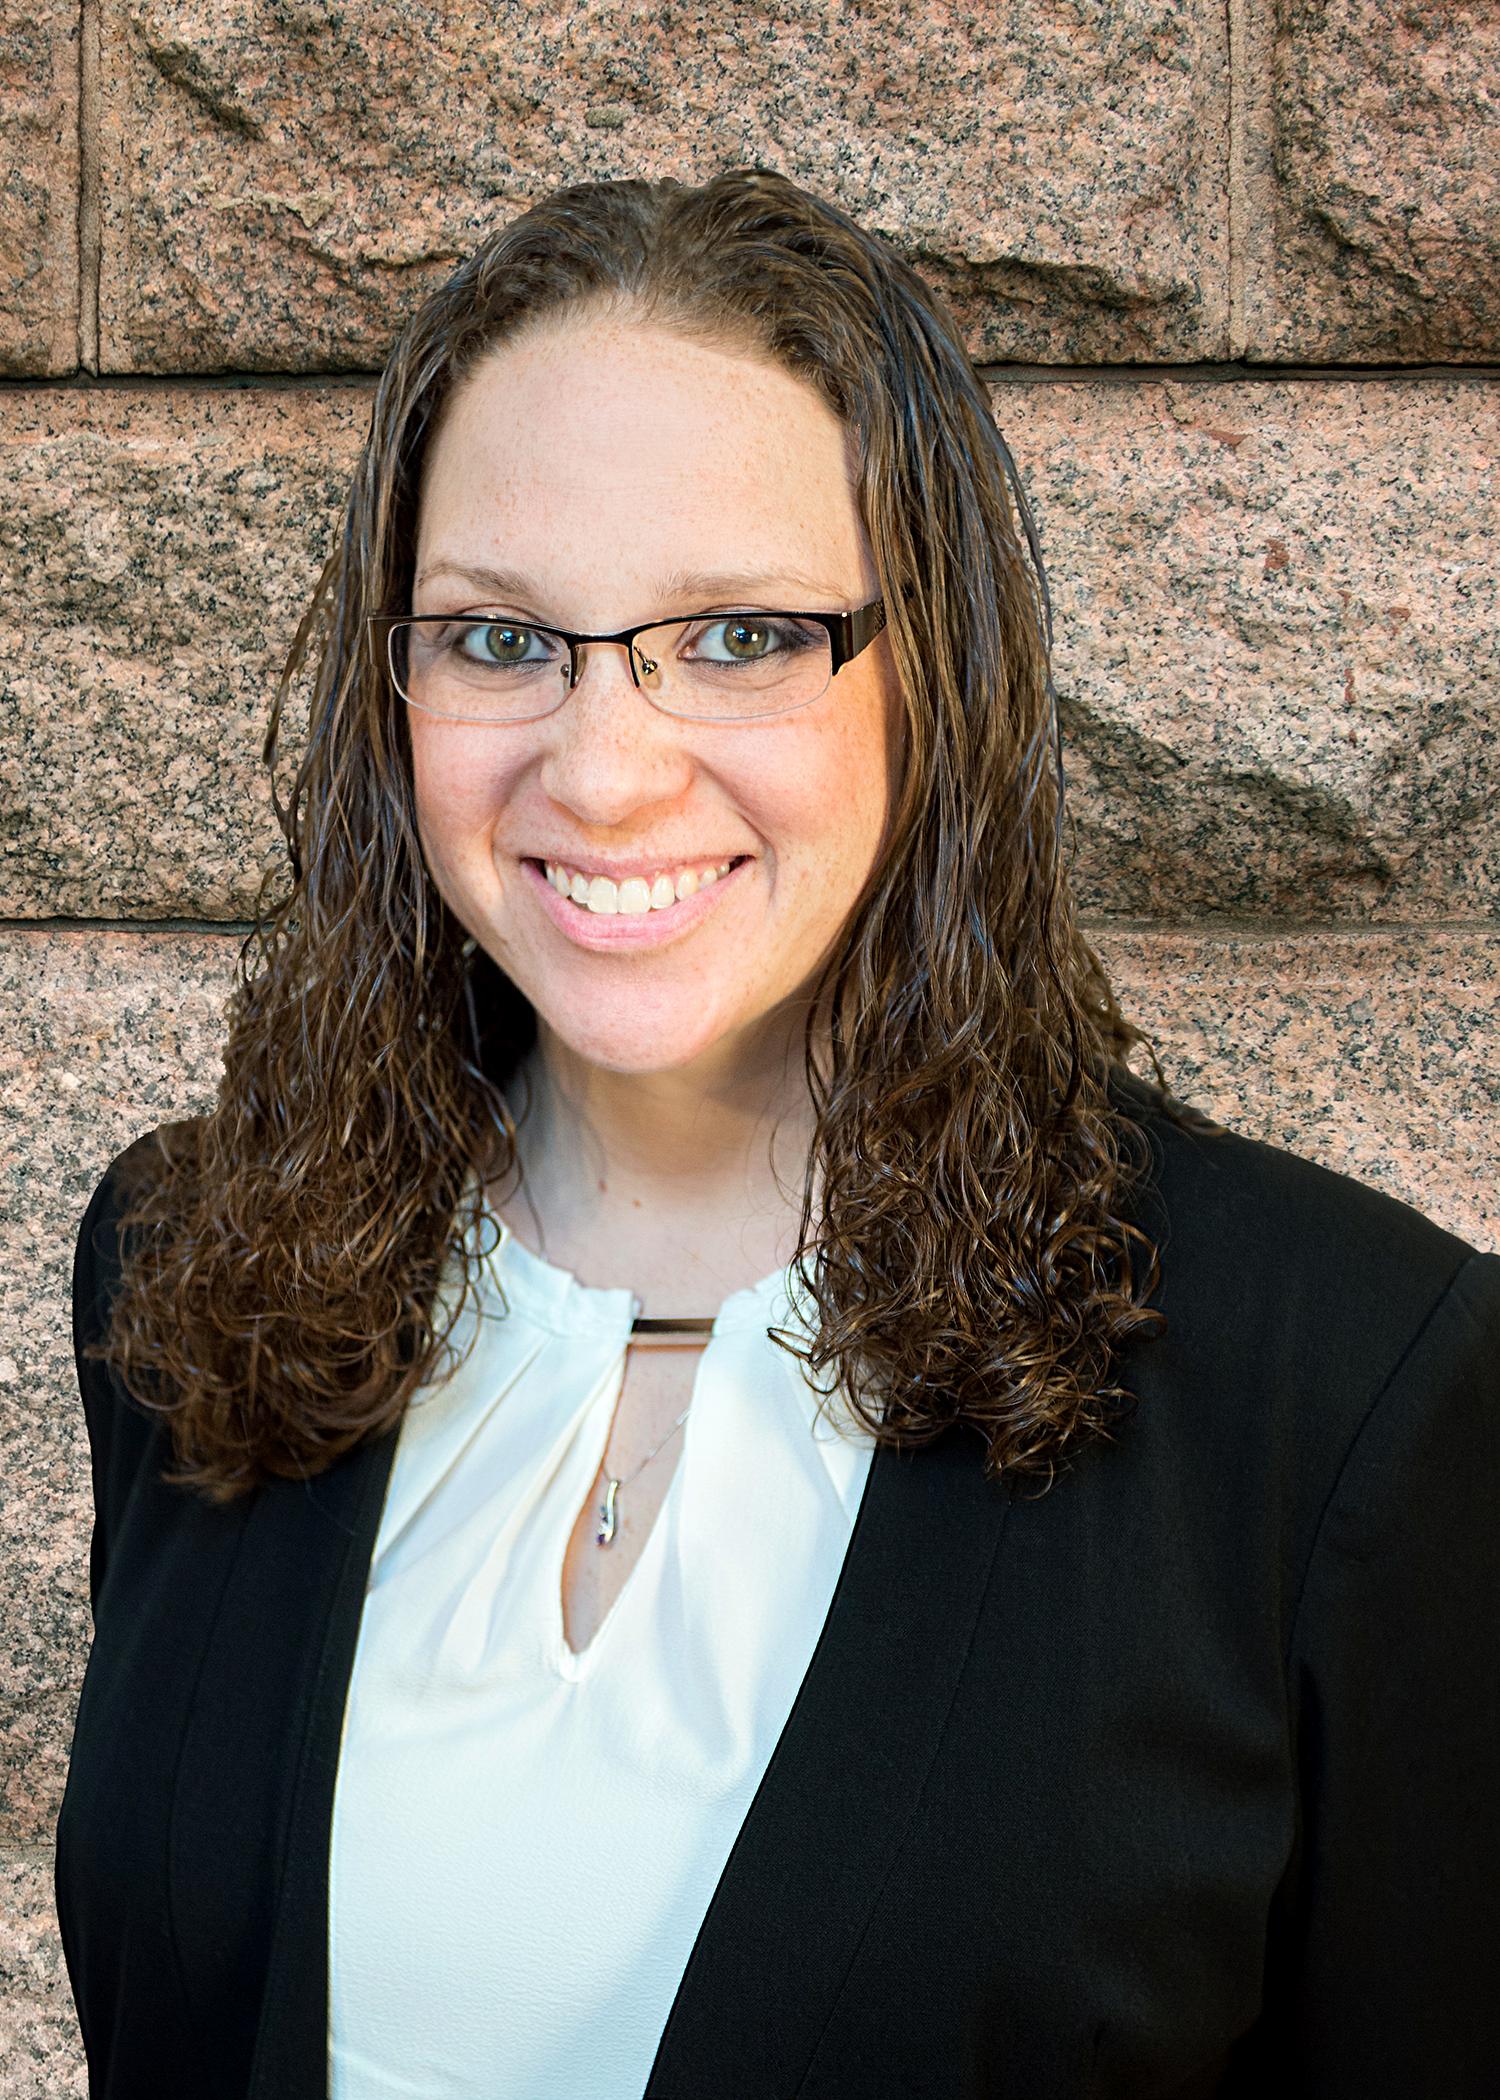 Jillian Vos | Event Consultant